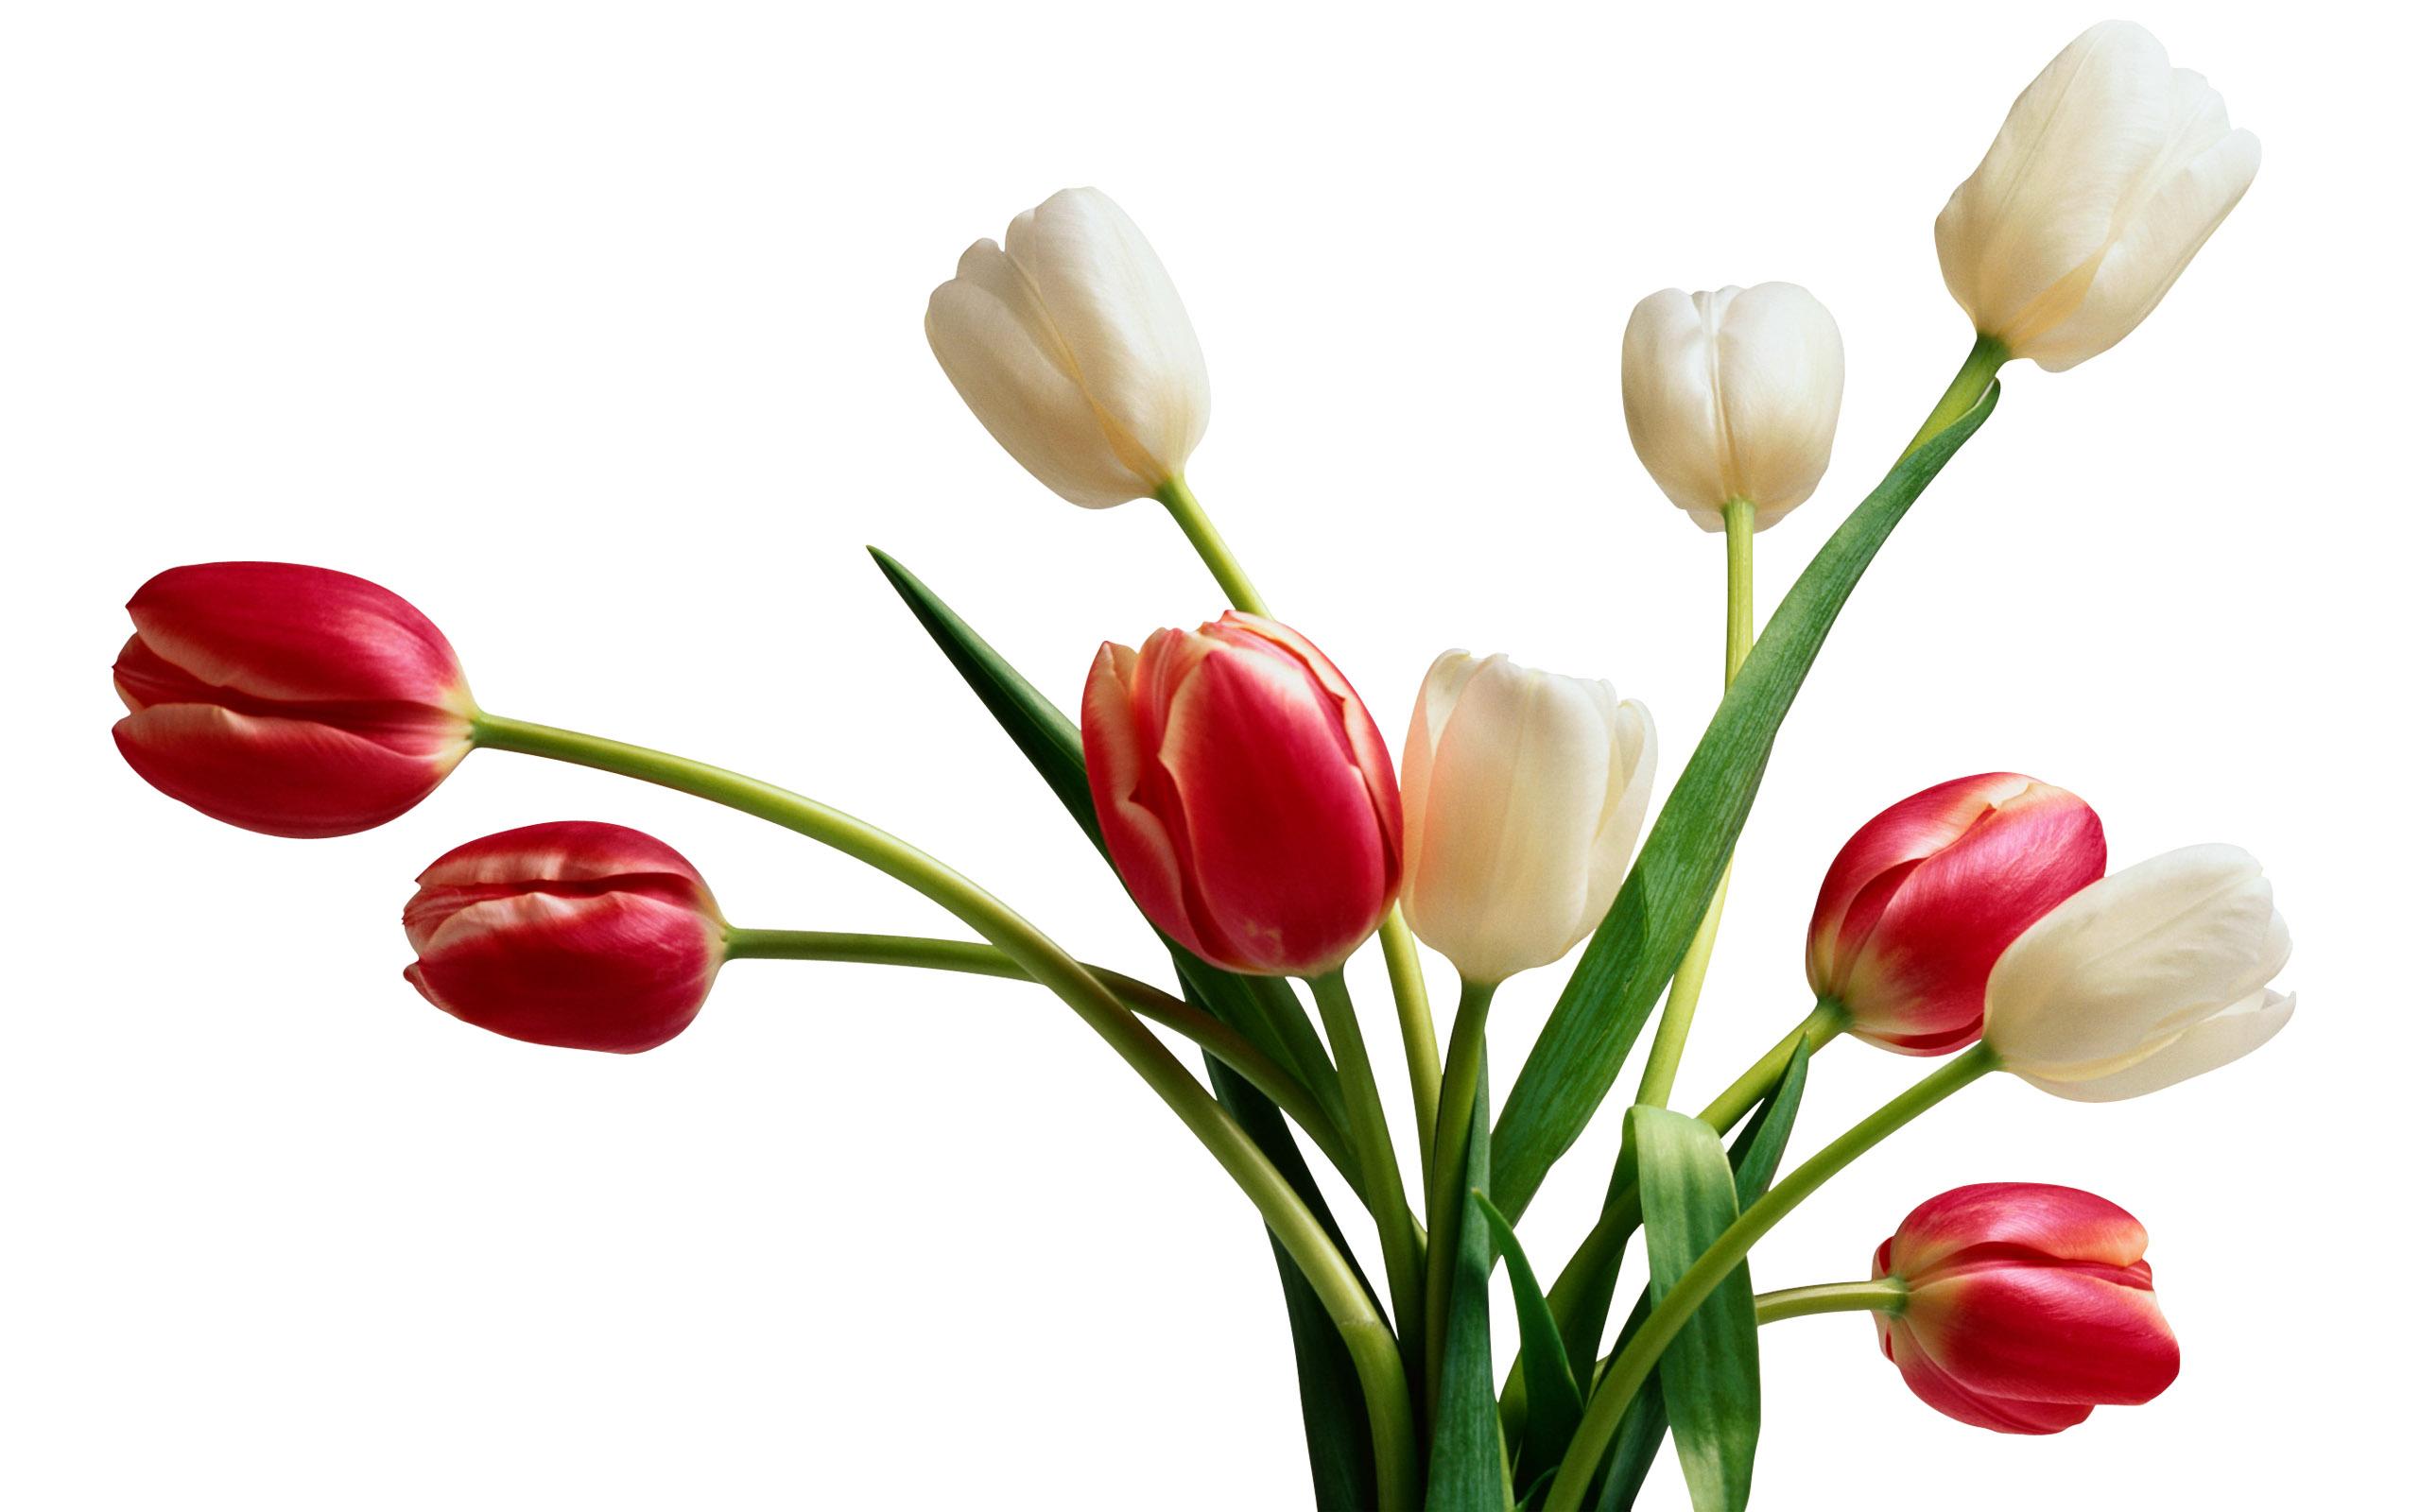 بالصور ورود جميلة , اجمل الورود و الذهور الرائعه 765 6